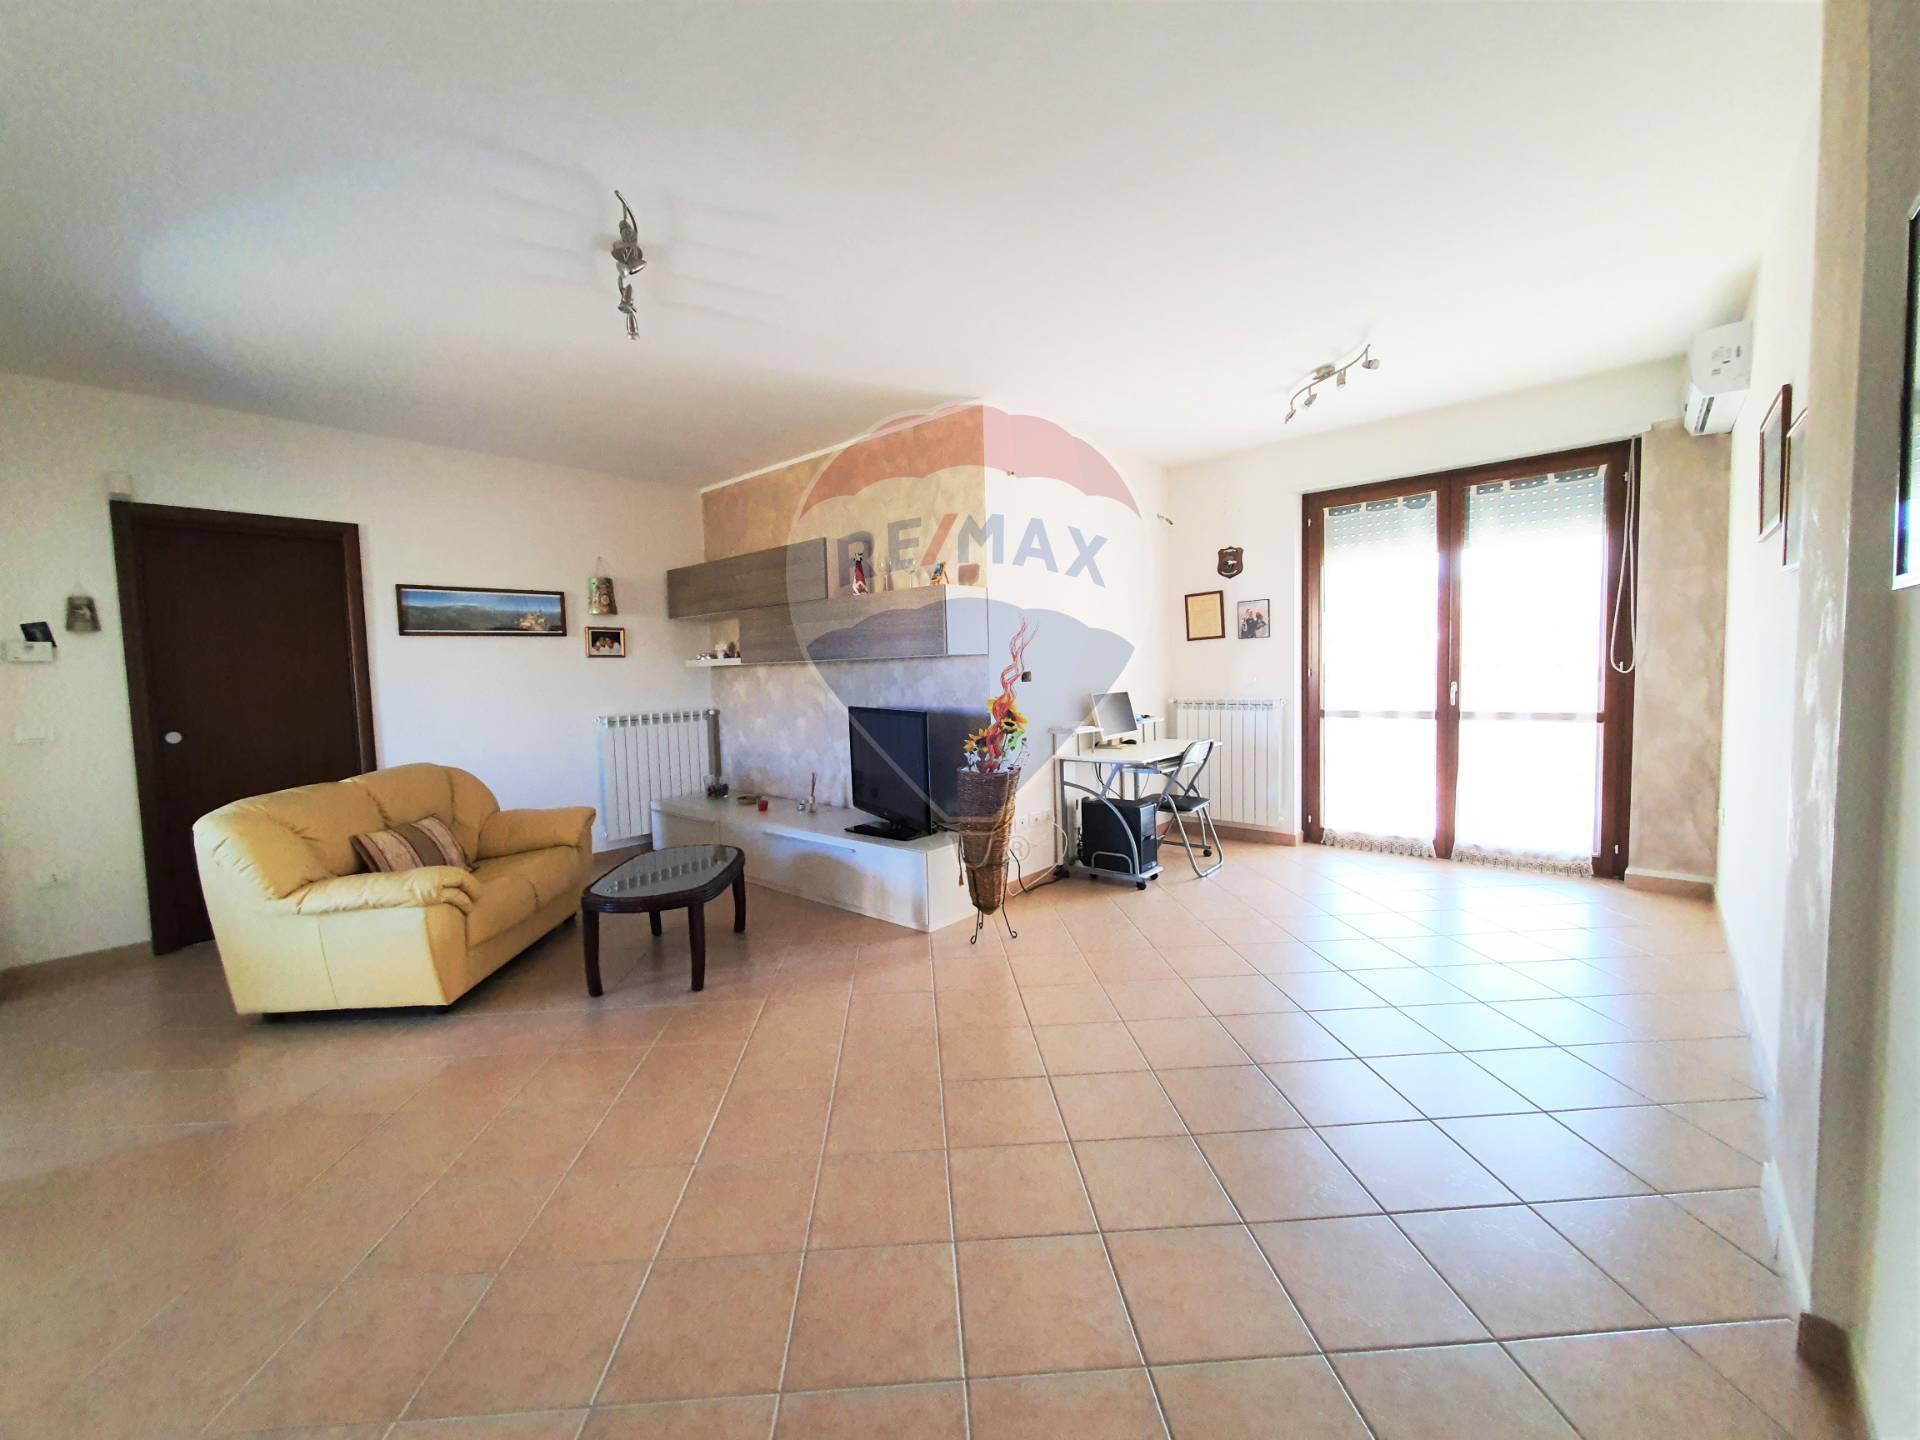 Appartamento in vendita a Atessa, 7 locali, prezzo € 120.000 | CambioCasa.it